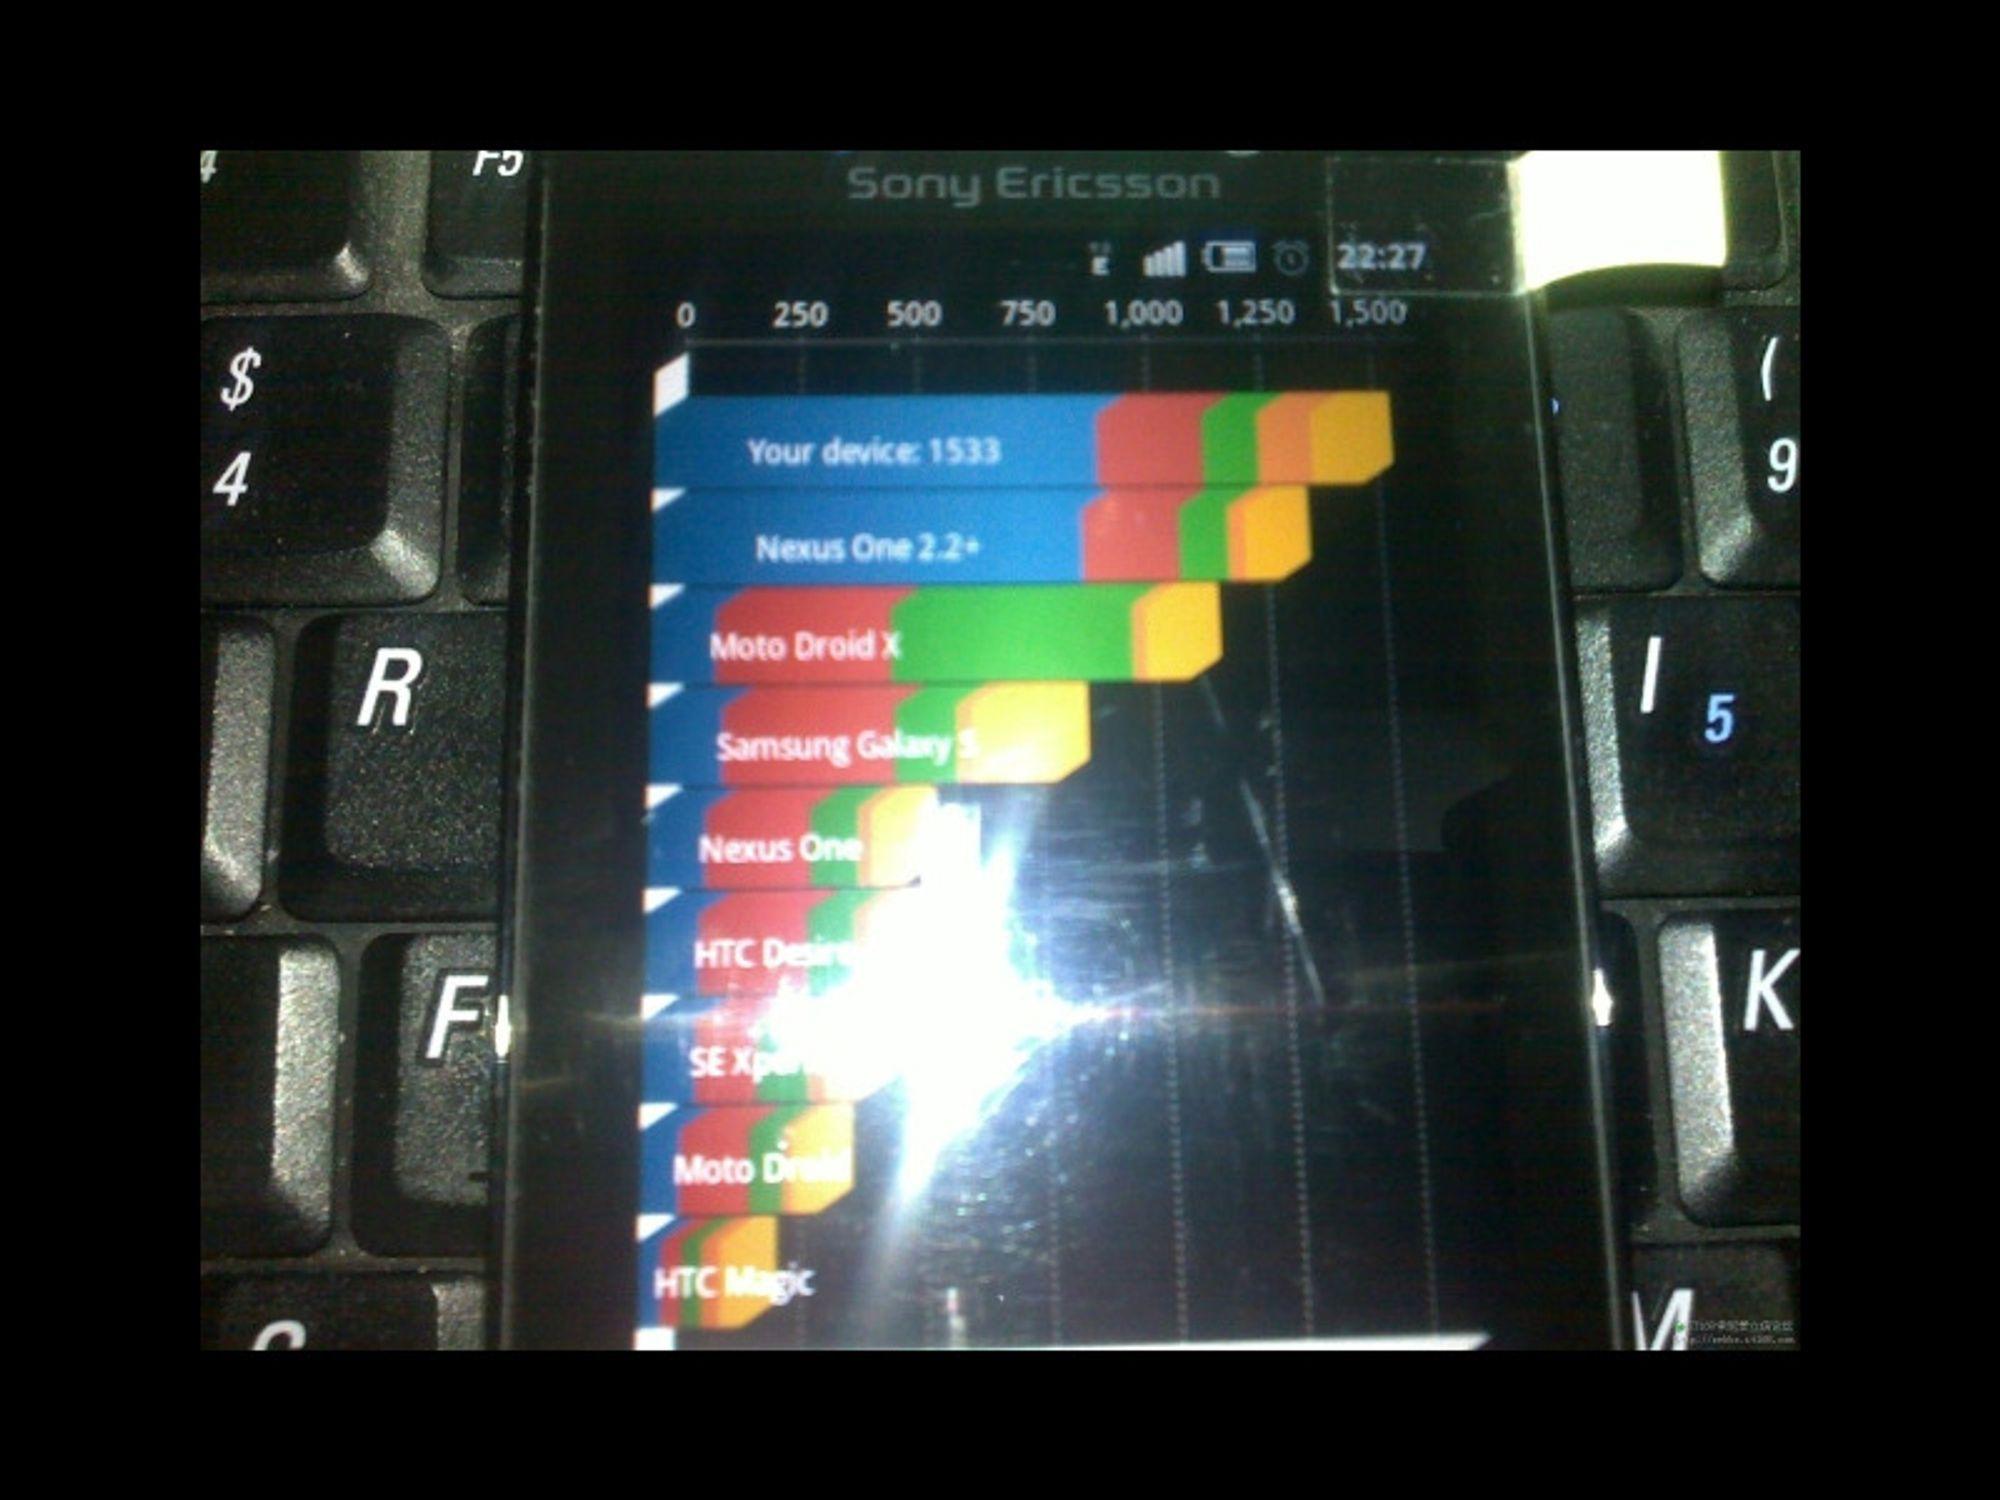 Oppfølger til Sony Ericsson X10 Mini avbildet